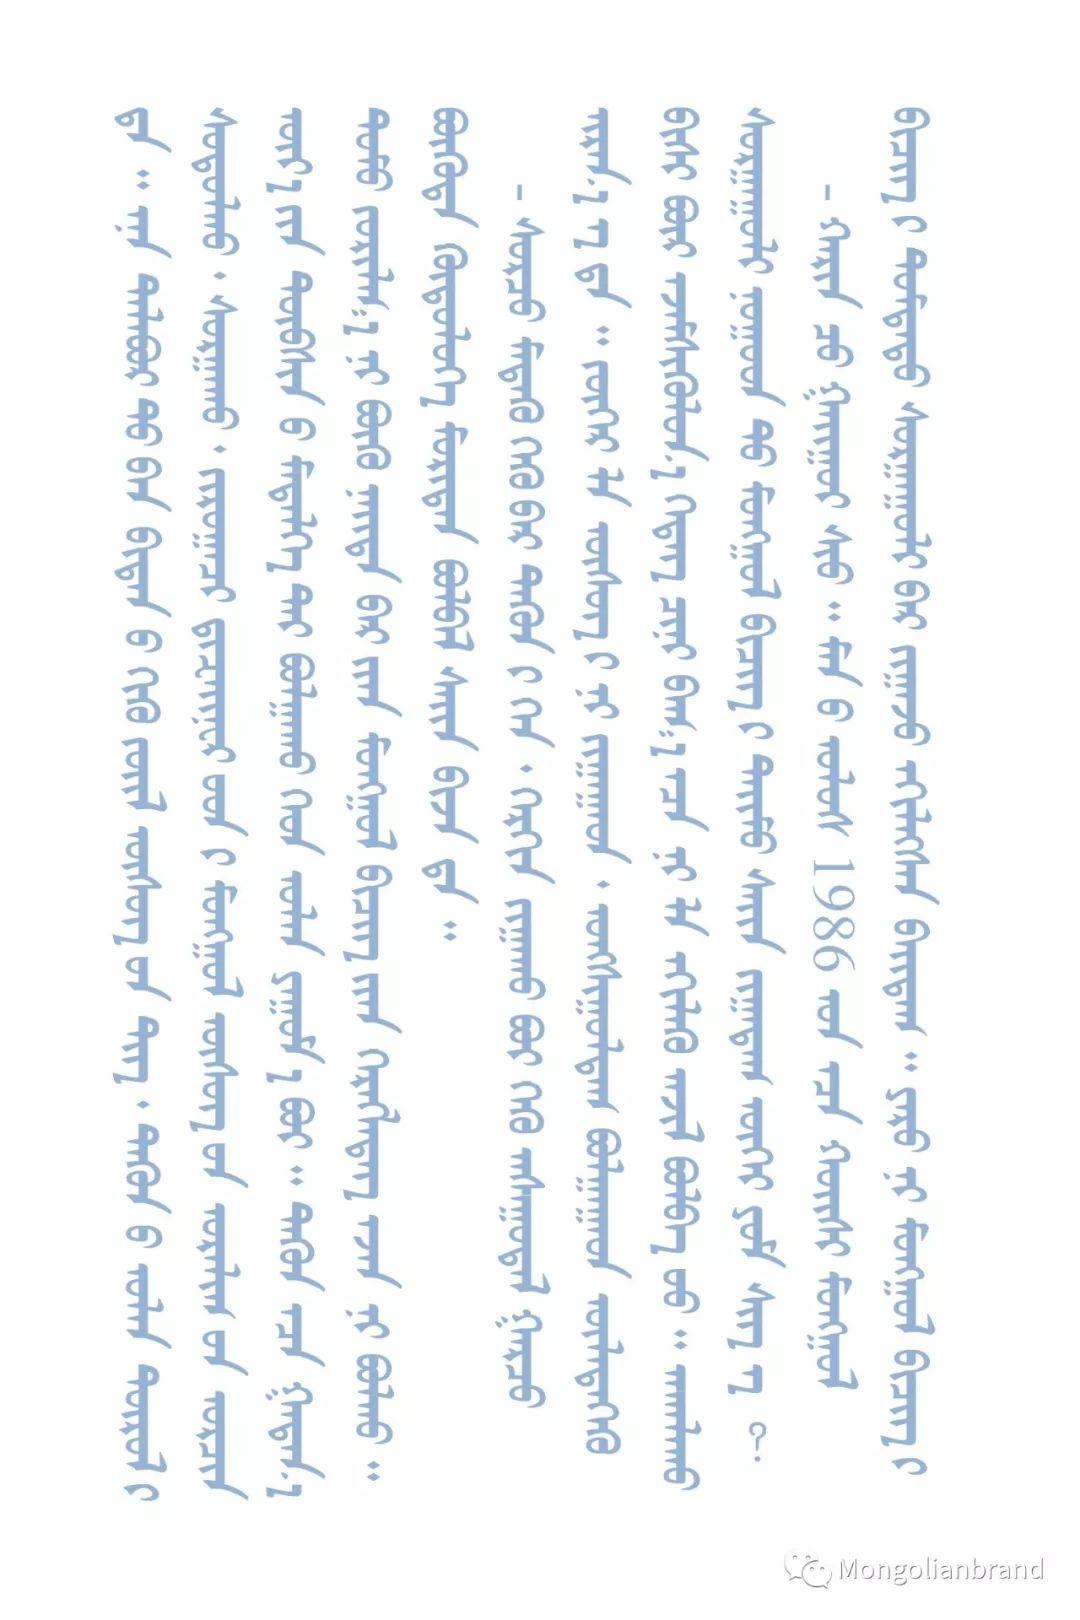 蒙古字体设计专家Jamiyansuren:让每个蒙古人掌握传统蒙古文是我们的终极目标 第24张 蒙古字体设计专家Jamiyansuren:让每个蒙古人掌握传统蒙古文是我们的终极目标 蒙古文化